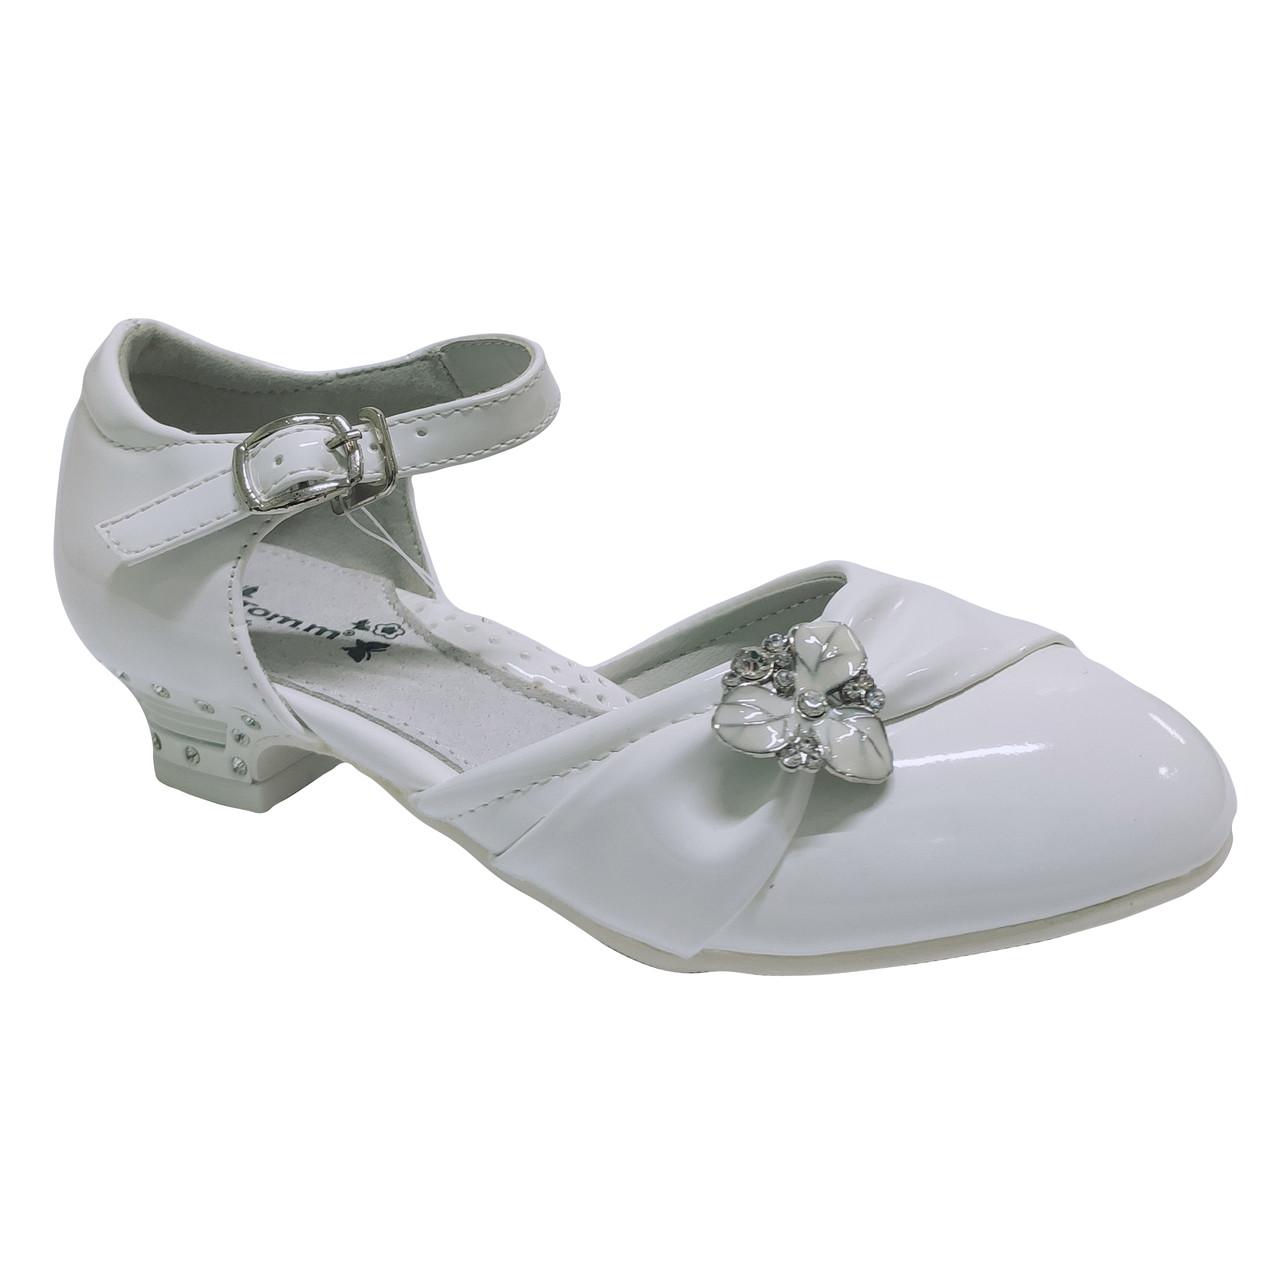 Детские туфли на каблучке девочкам, р-ры 27-32 Нарядные белые, праздничные, комфортные туфельки от Том М